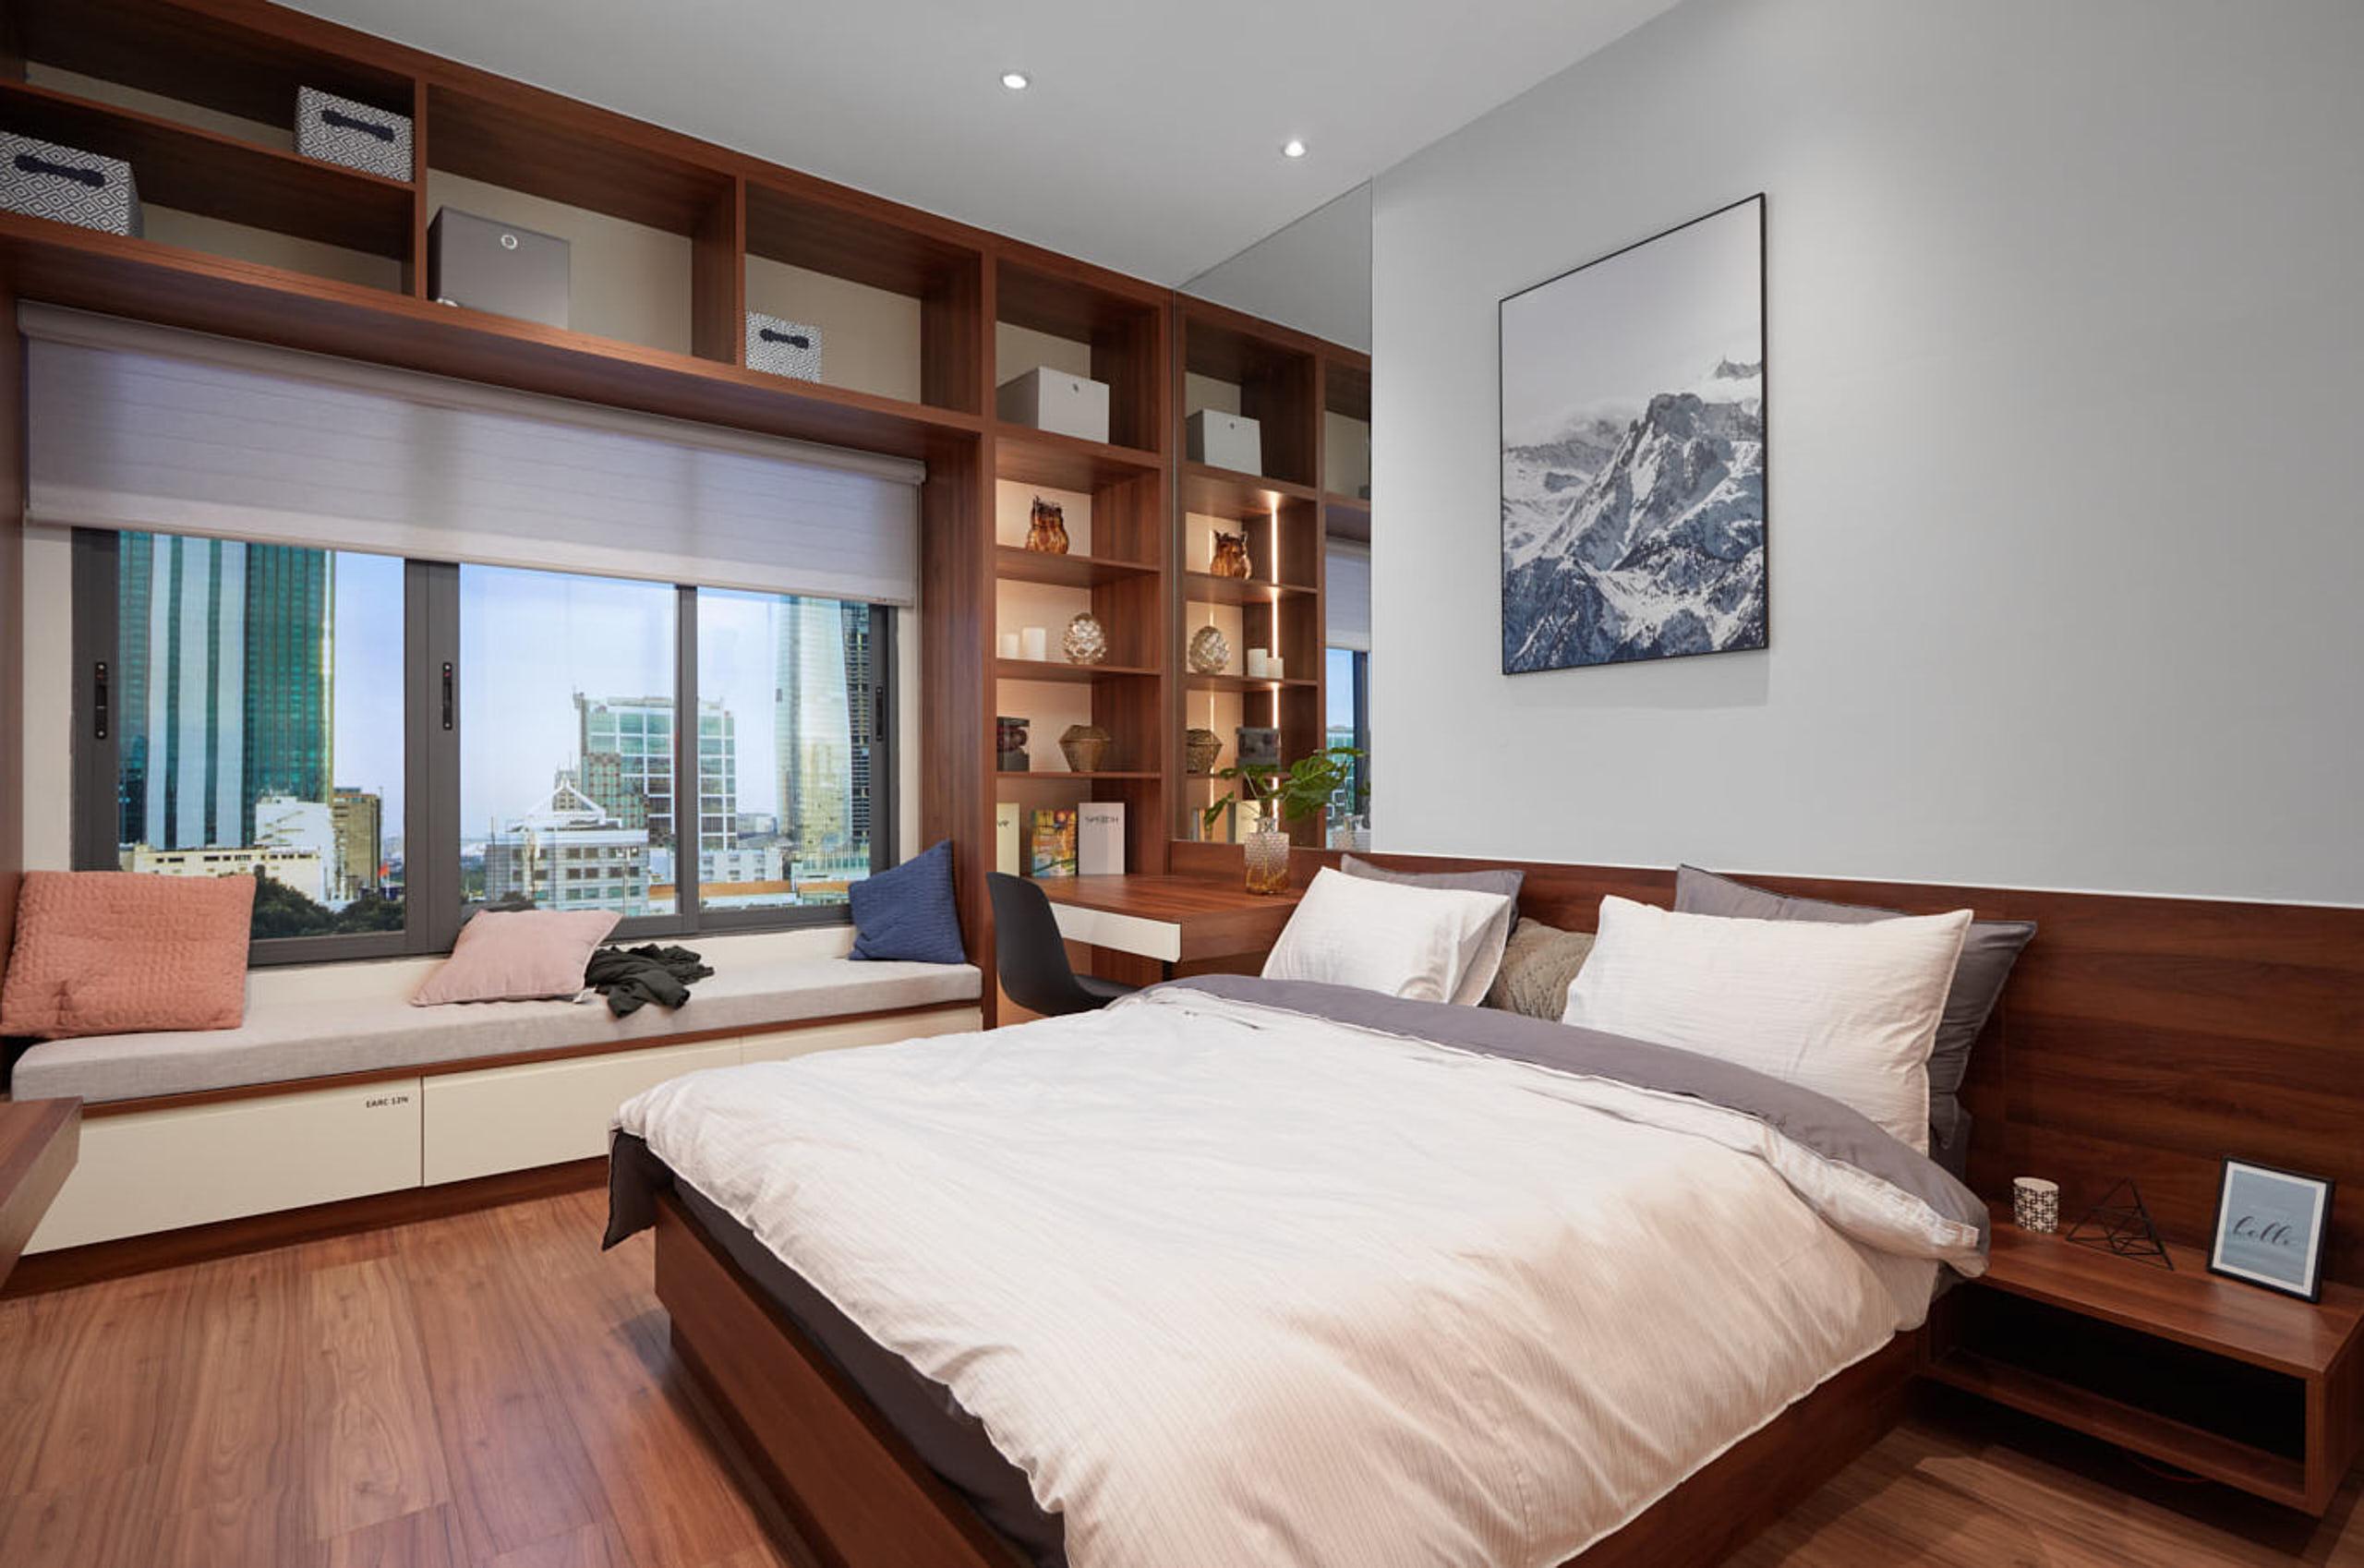 Phòng ngủ được bố trí công năng hợp lí